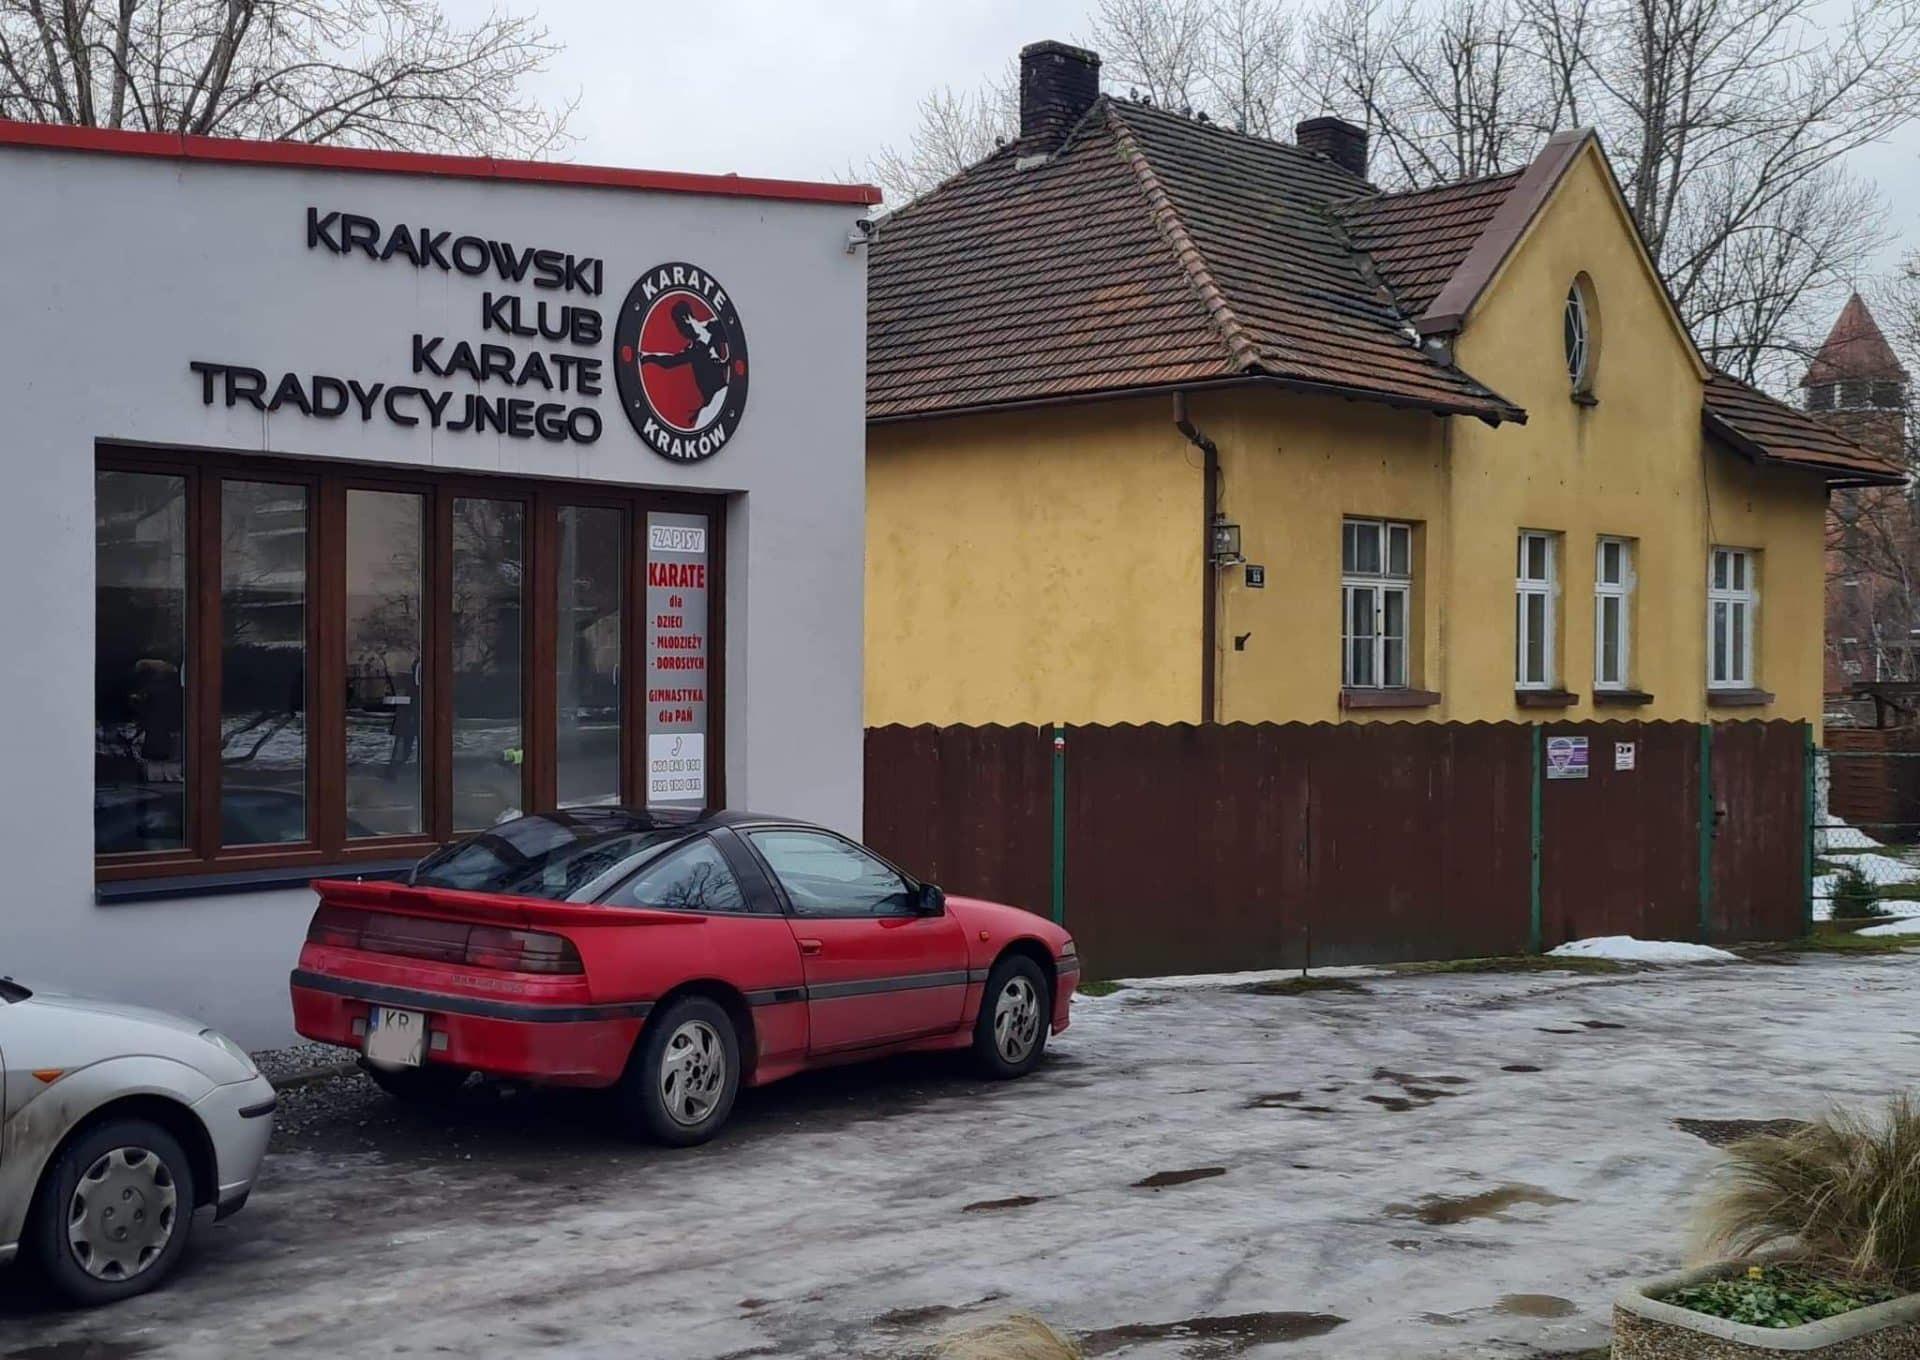 Krakowski Klub Karate Tradycyjnego znajduje się na rogu ulicy Racławickiej i alejek Grottgera.